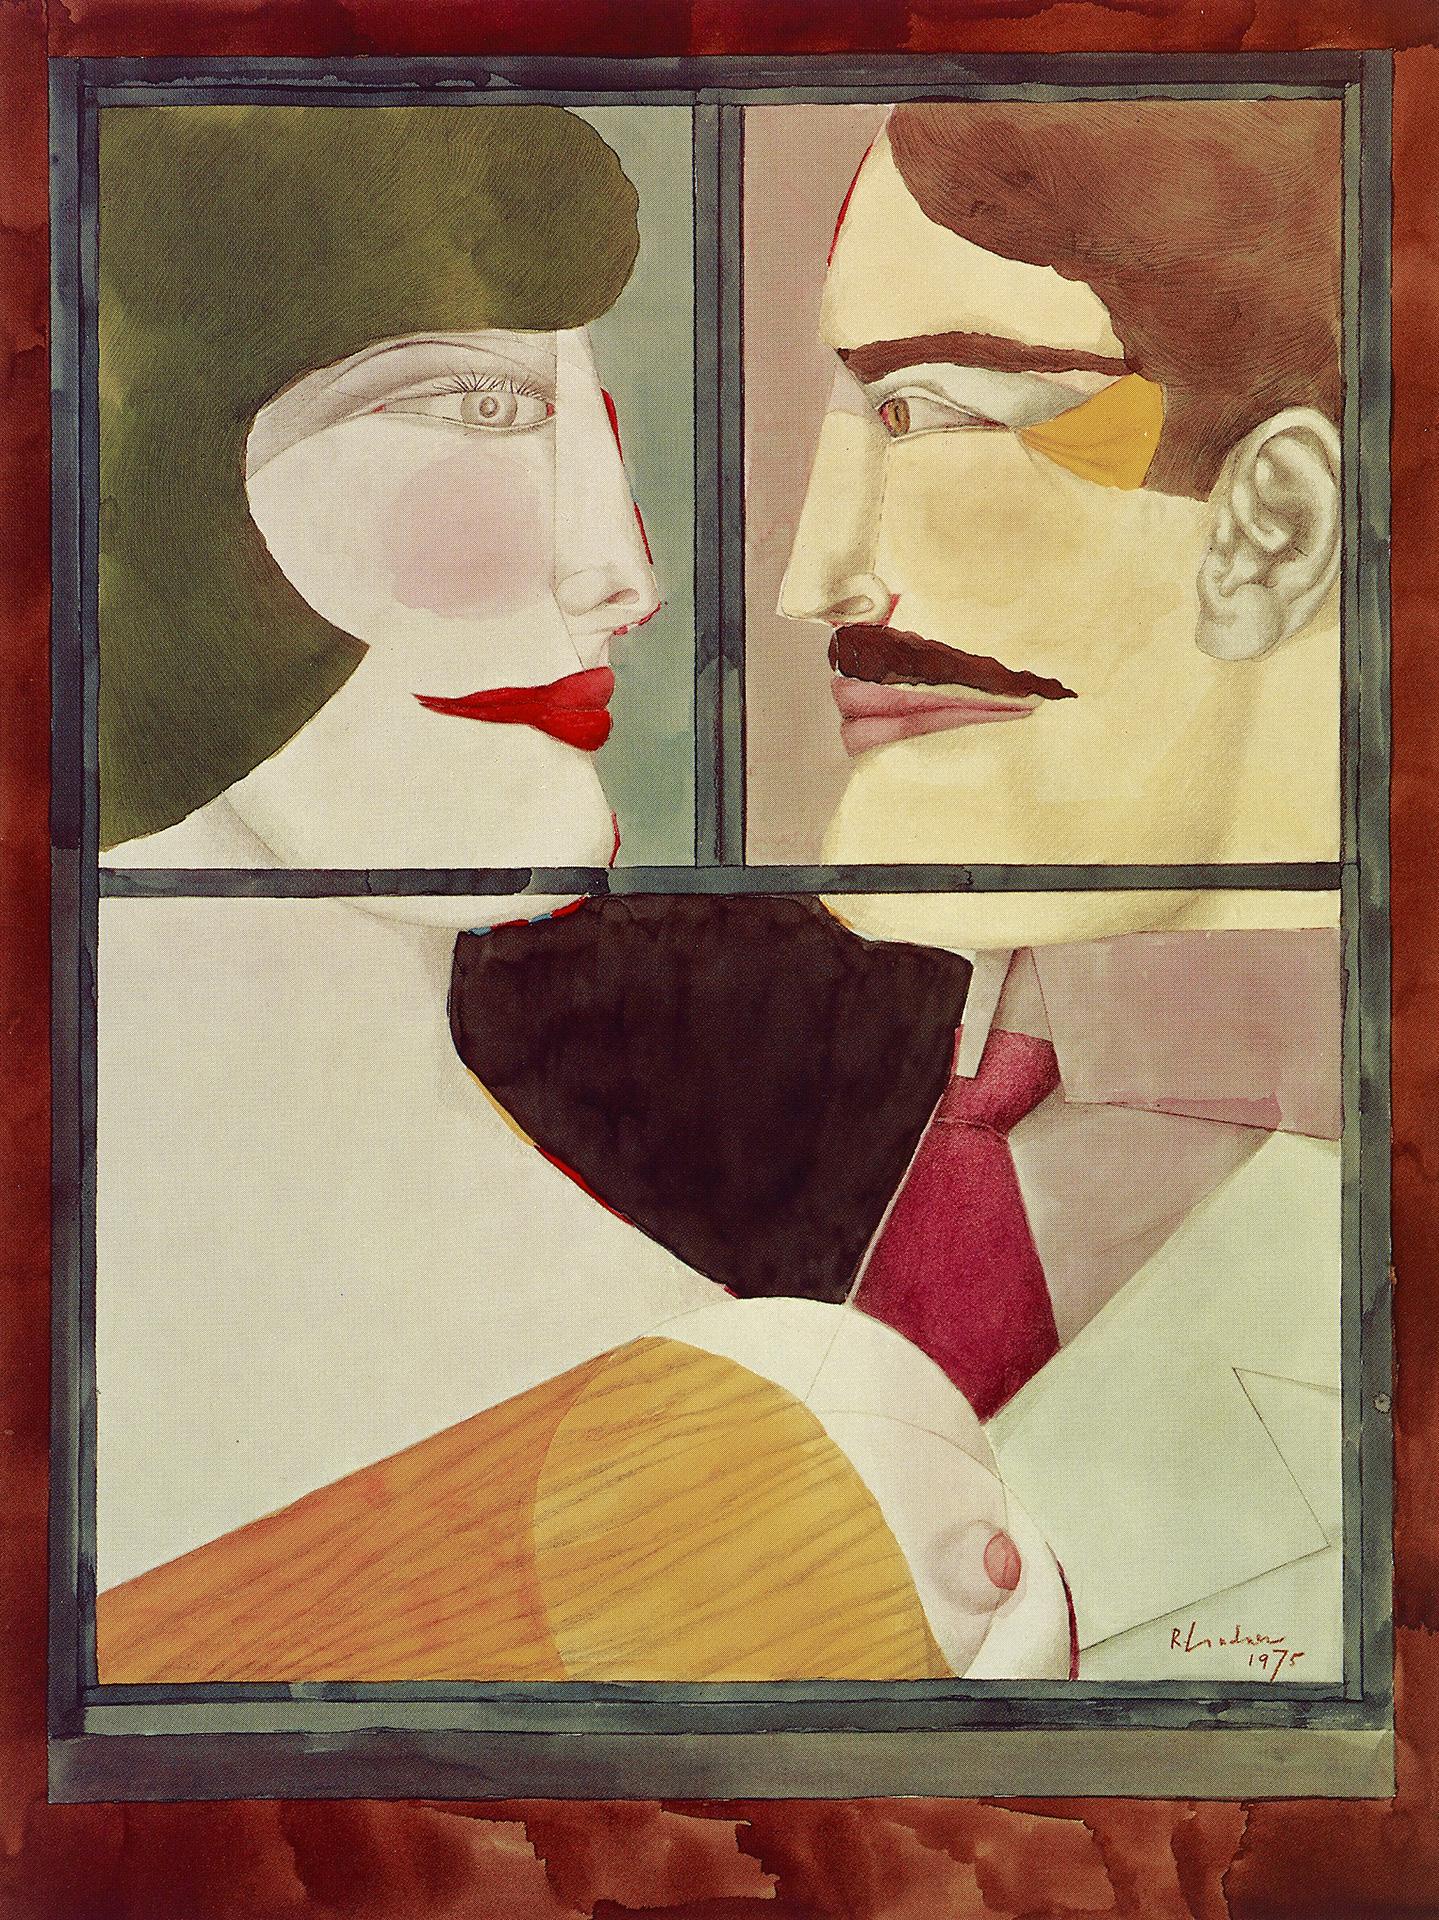 The Window (Rear Window), 1975 grand format